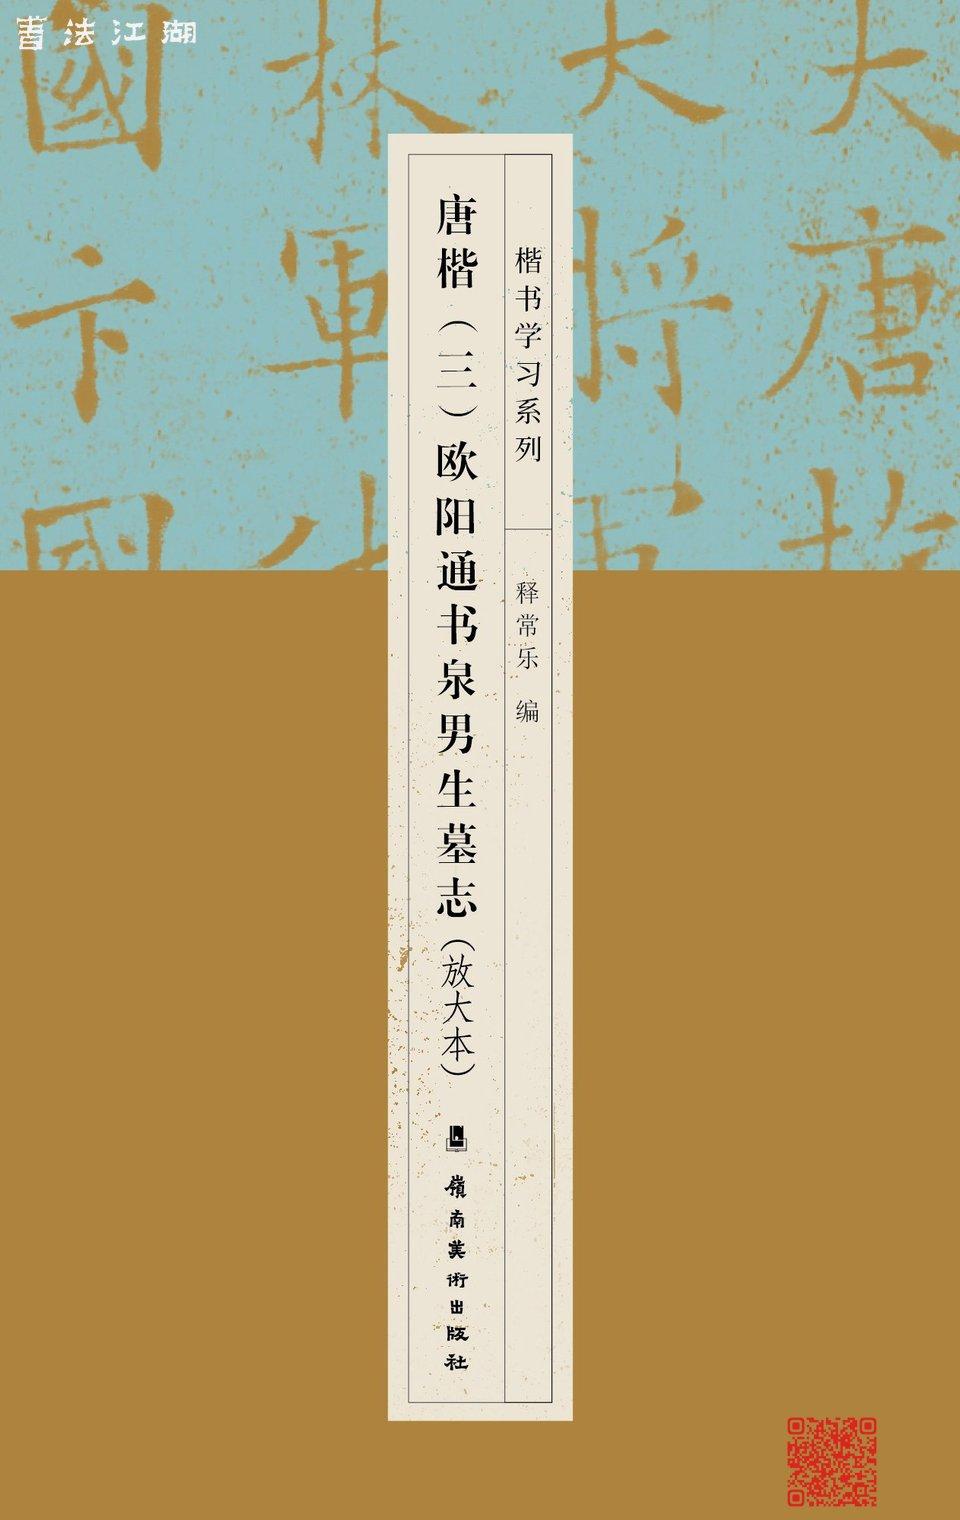 9-唐楷3-欧阳通书泉男生墓志-封面-01.jpg